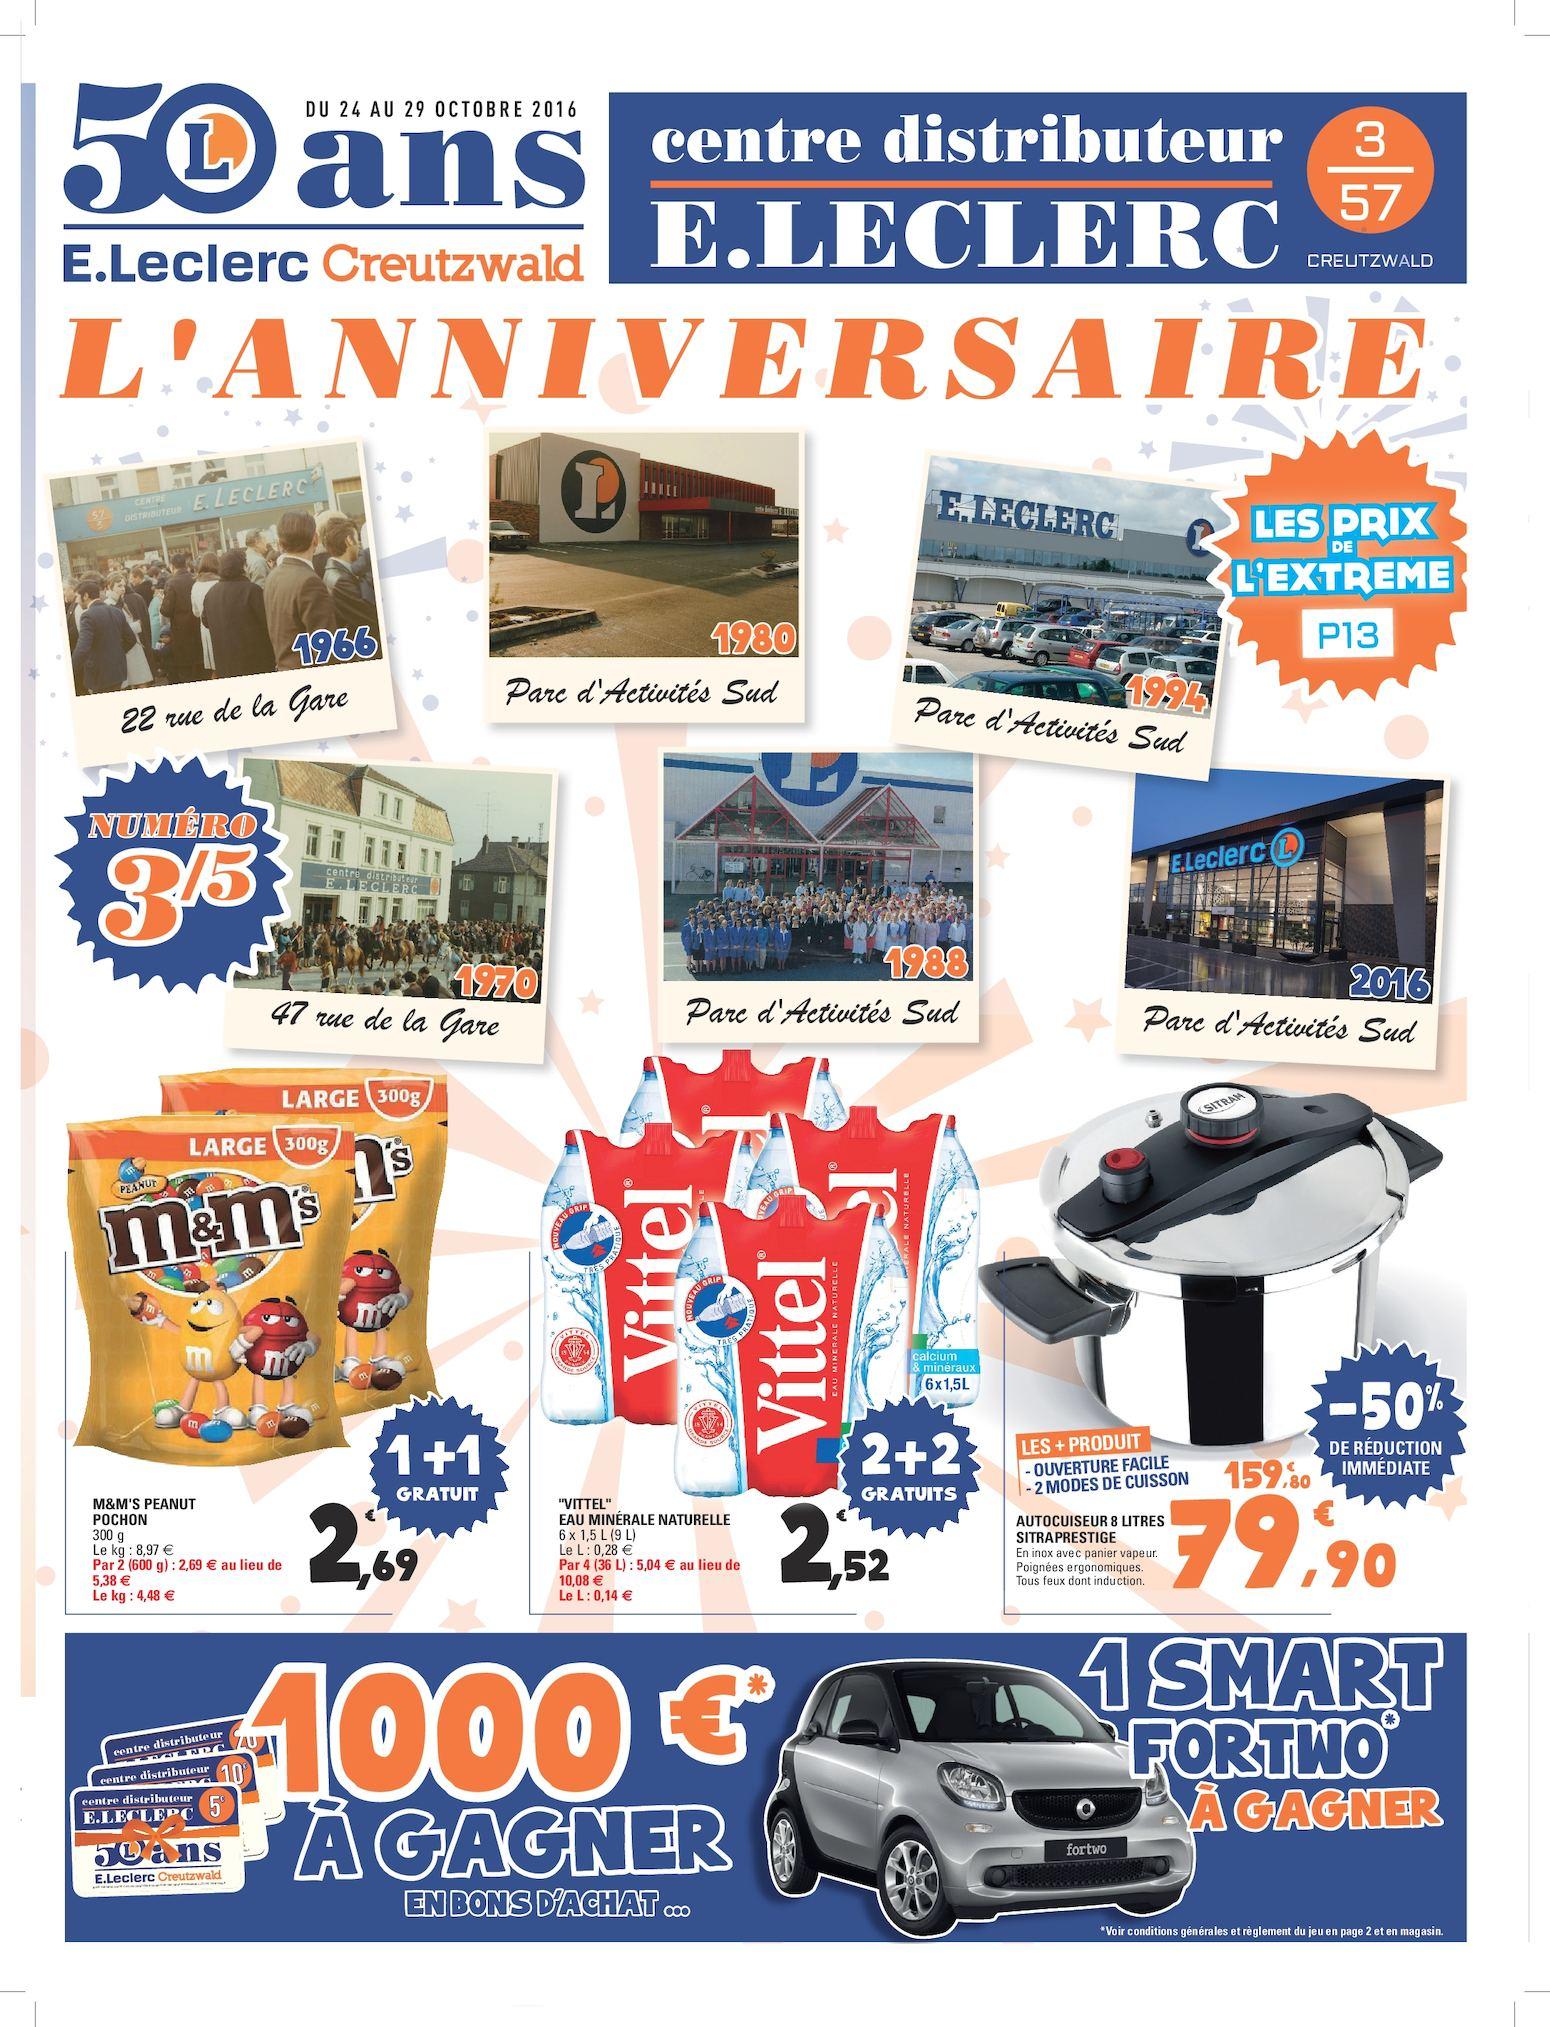 Menu De Noel Leclerc Nouveau oreiller Memoire De forme Leclerc Of 37 Élégant Menu De Noel Leclerc